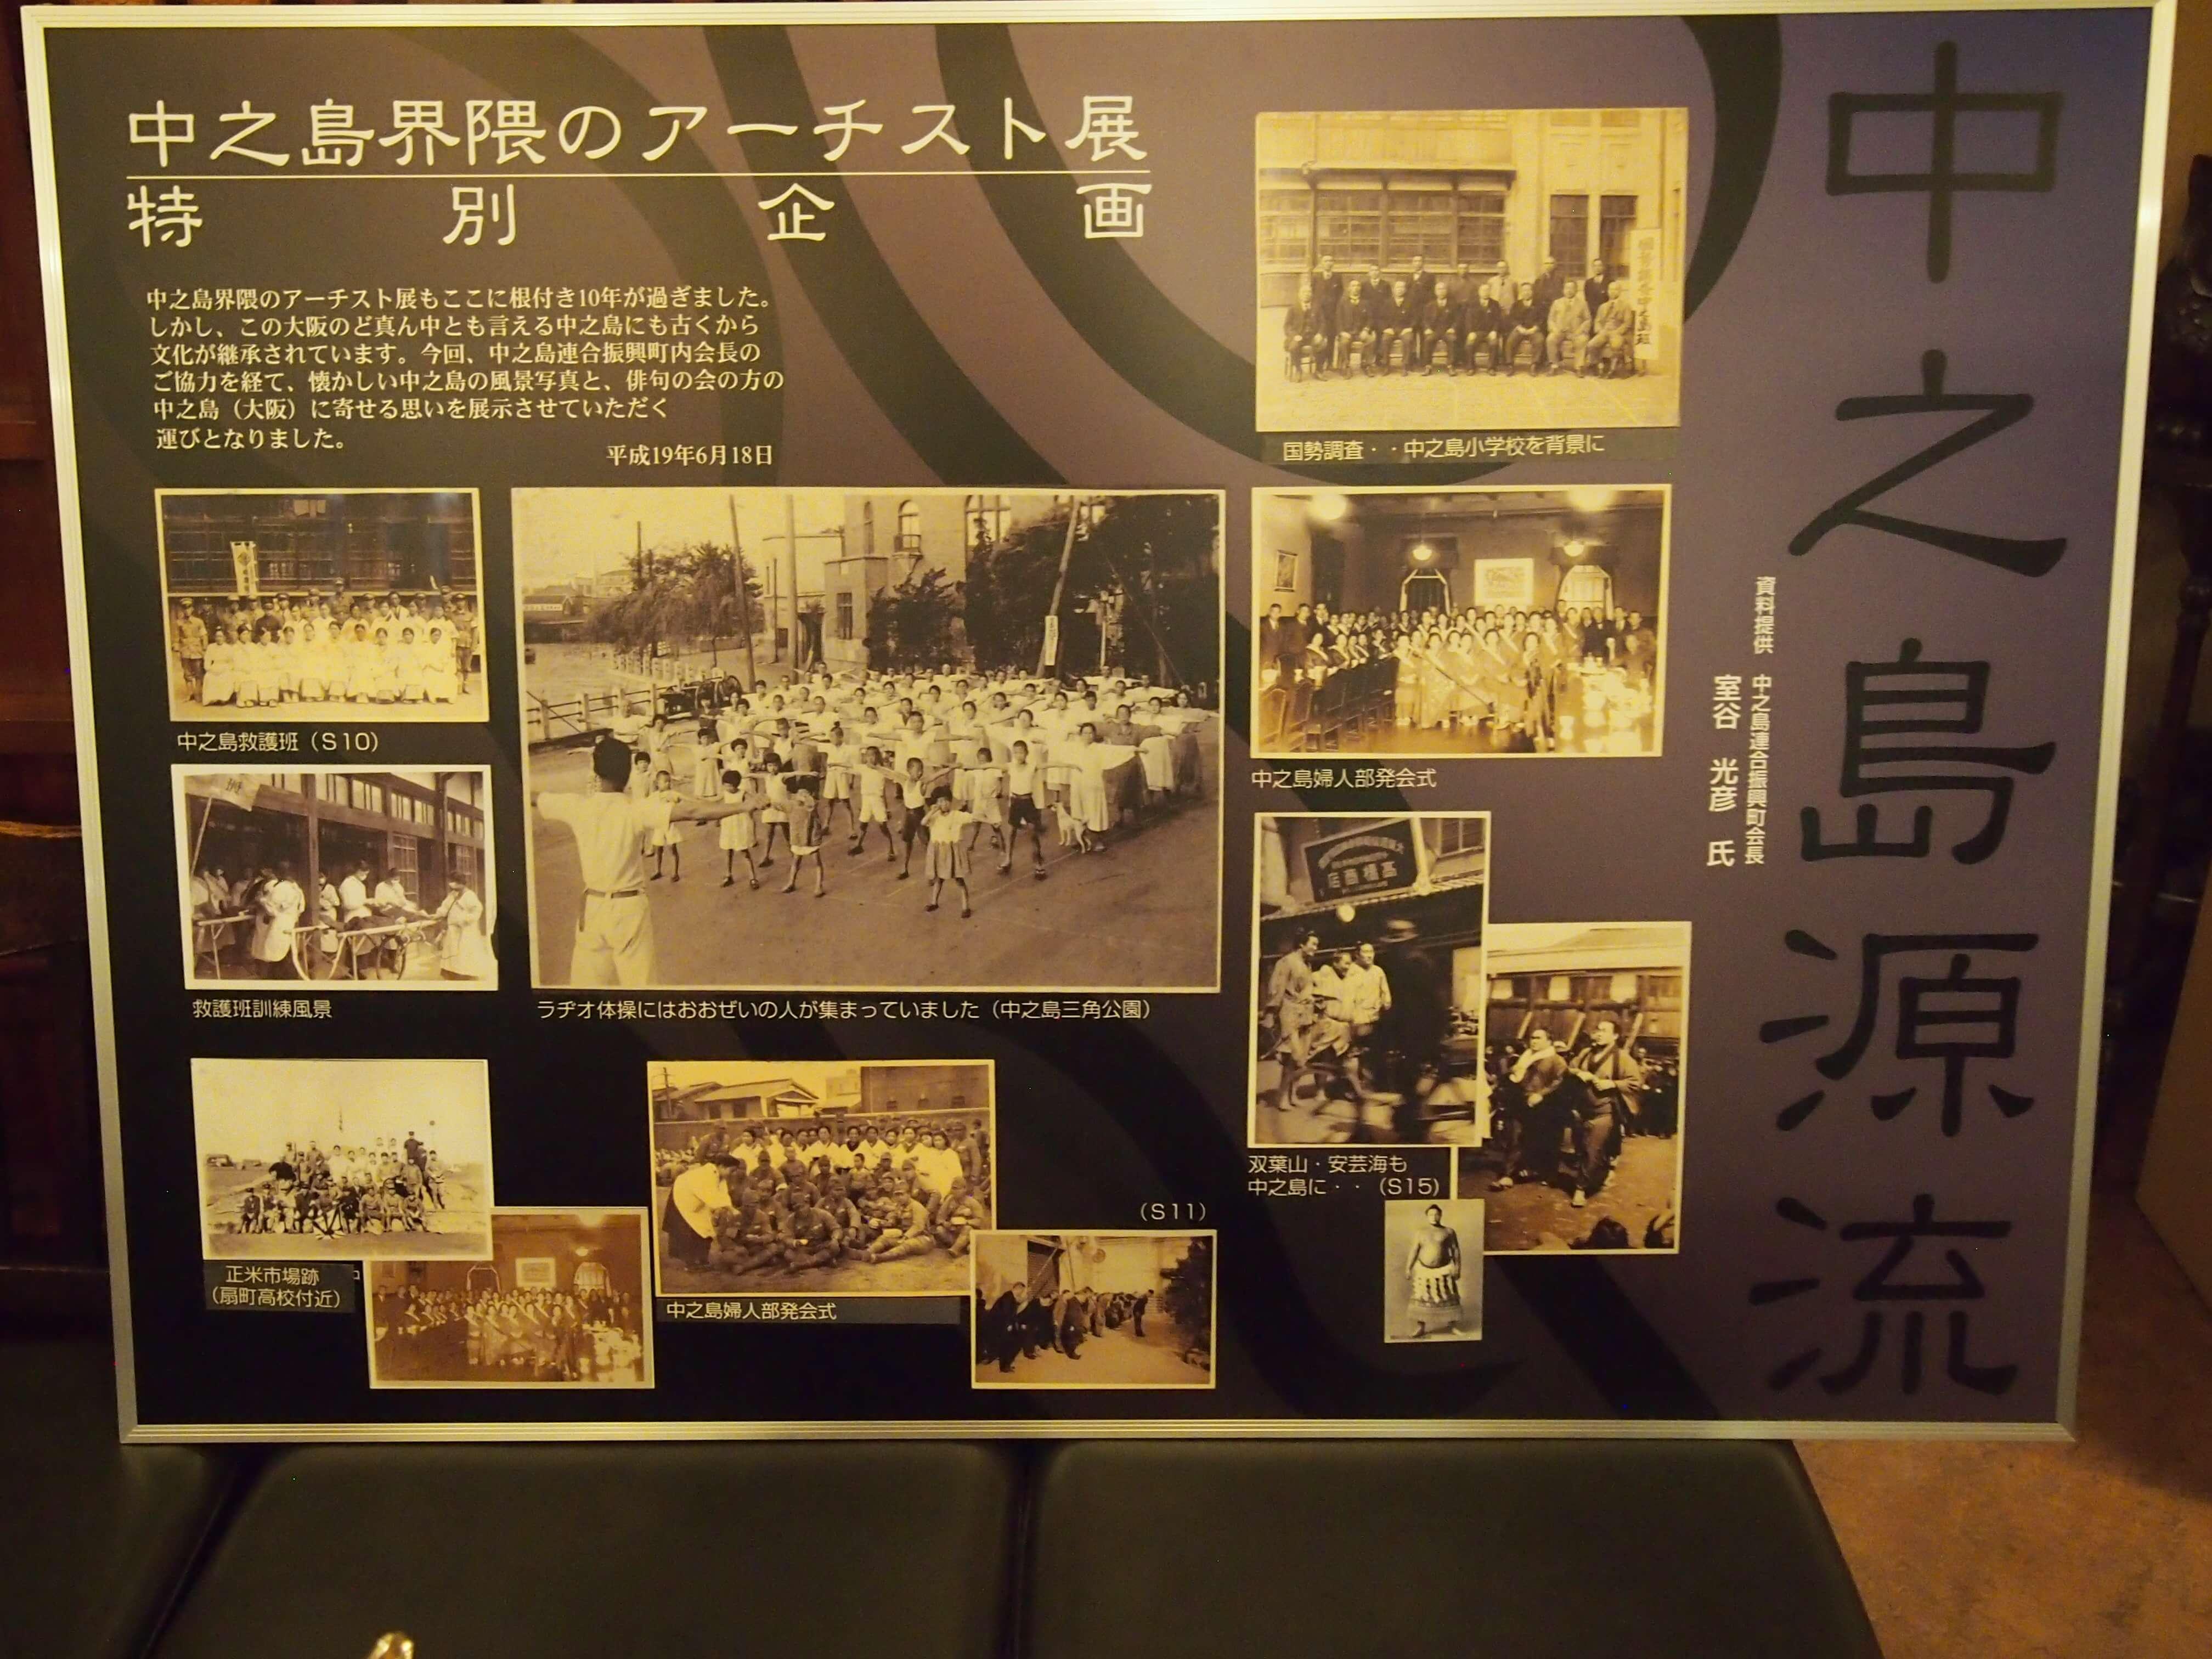 以前、朝日新聞社の1階に掲示してあったパネル。ここに掲載されている写真は、室谷さんの亡くなられたご主人(光彦さん)が提供されたもの。歴史の証人のようなご一家です。